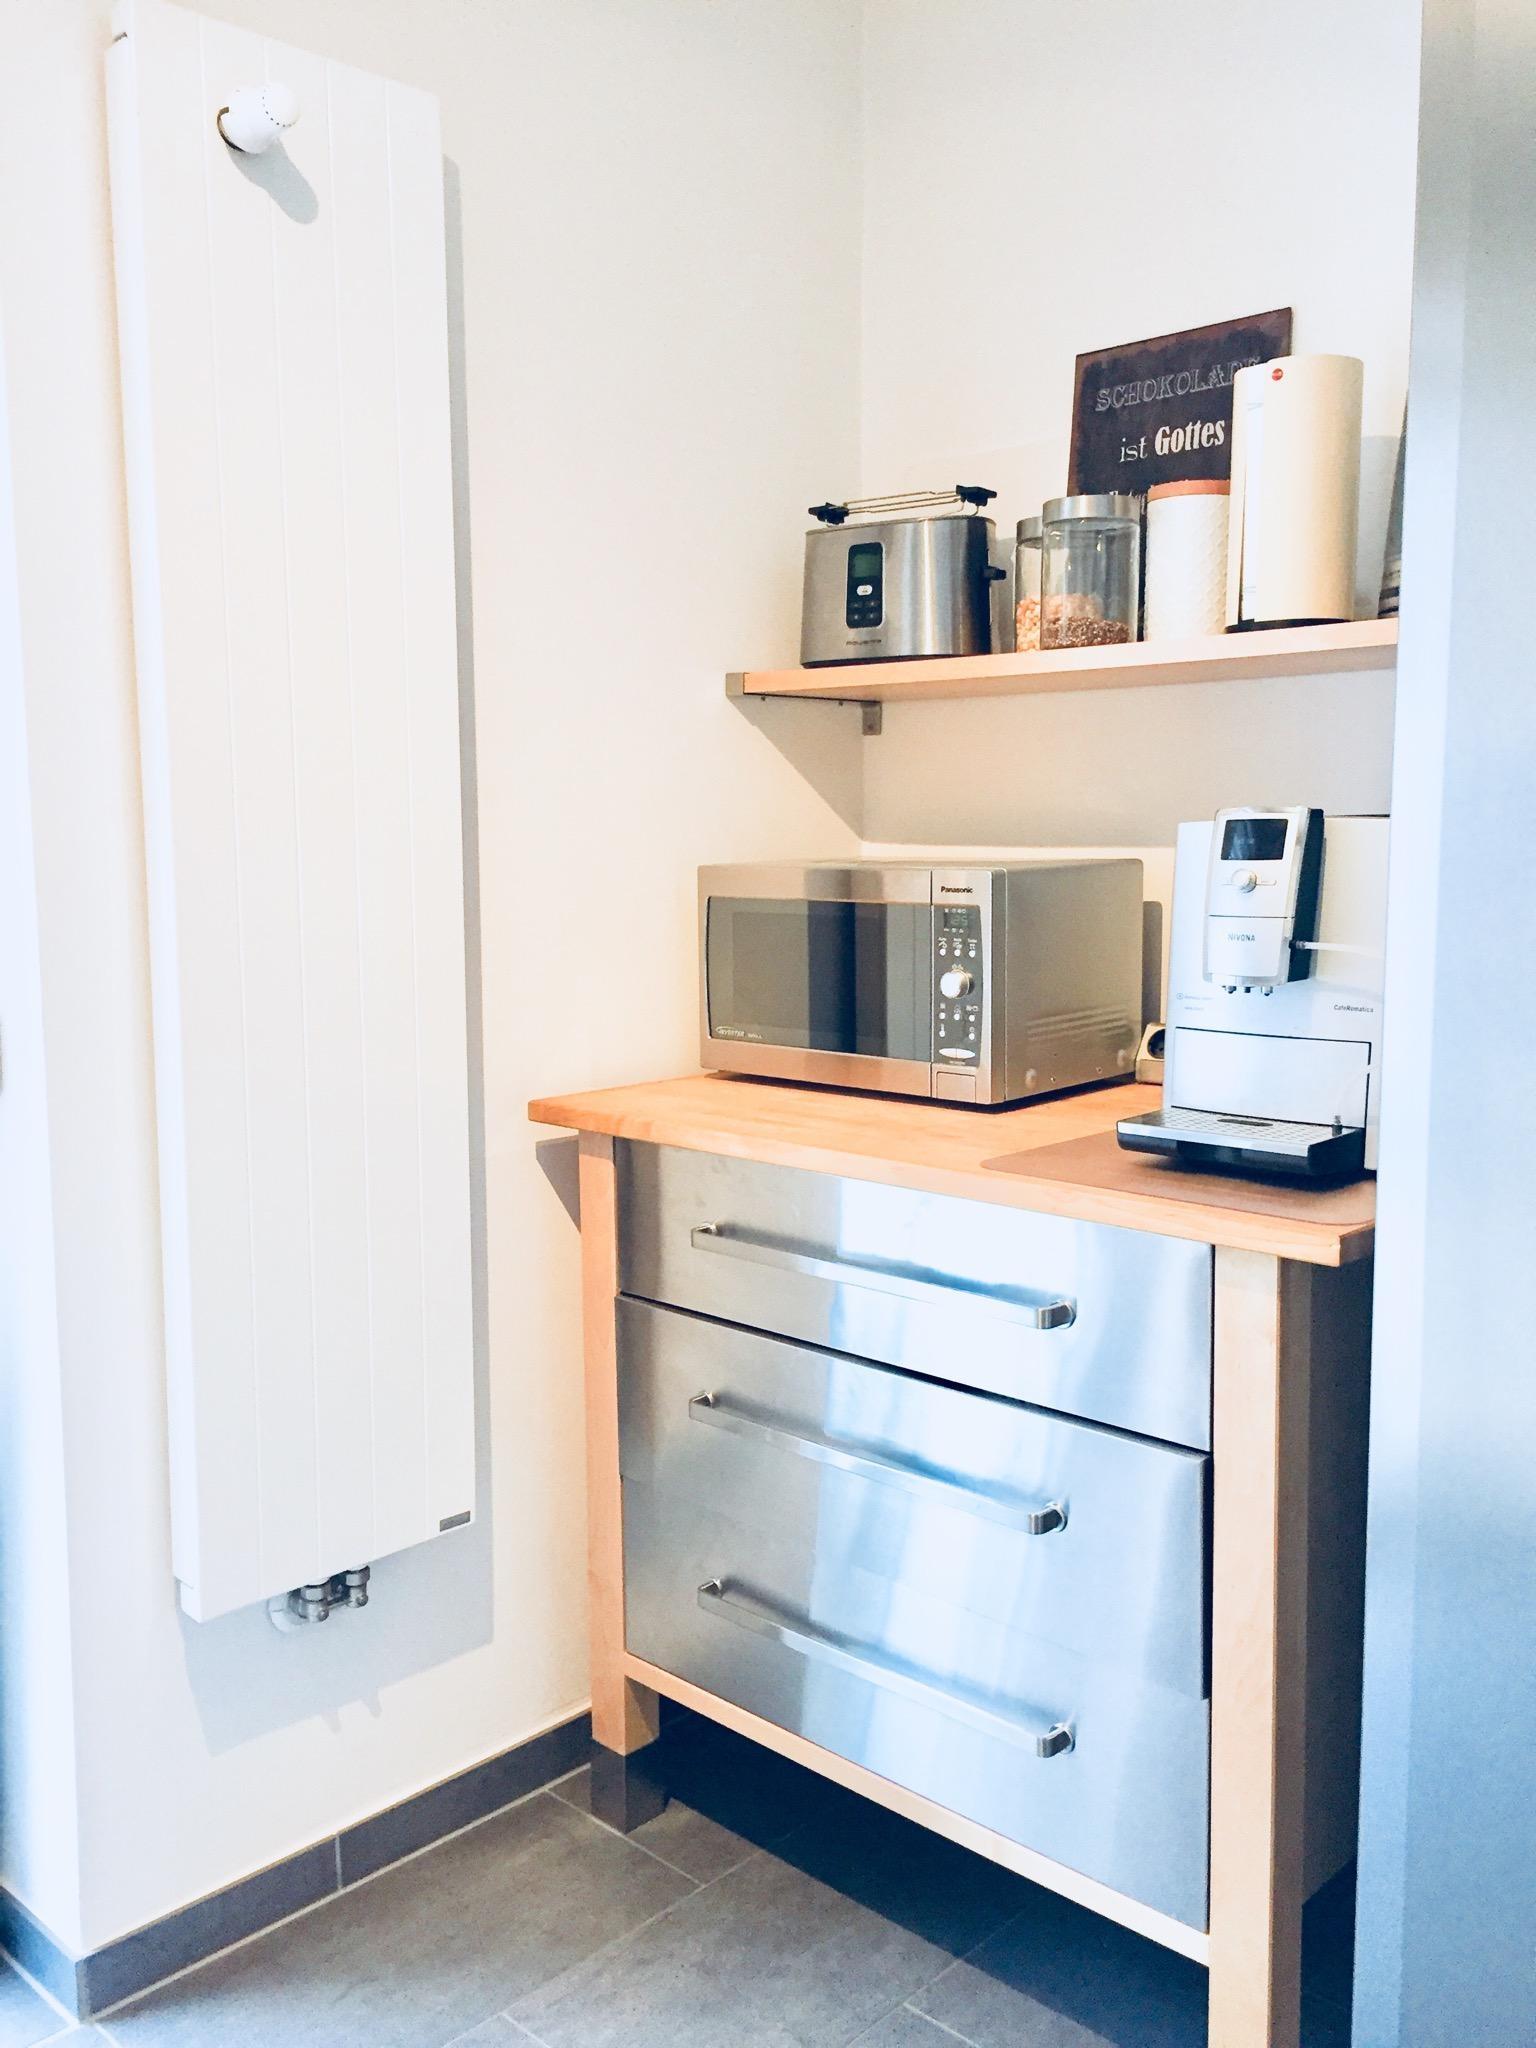 Full Size of Miniküche Ideen Minikche Bilder Couch Ikea Stengel Wohnzimmer Tapeten Bad Renovieren Mit Kühlschrank Wohnzimmer Miniküche Ideen